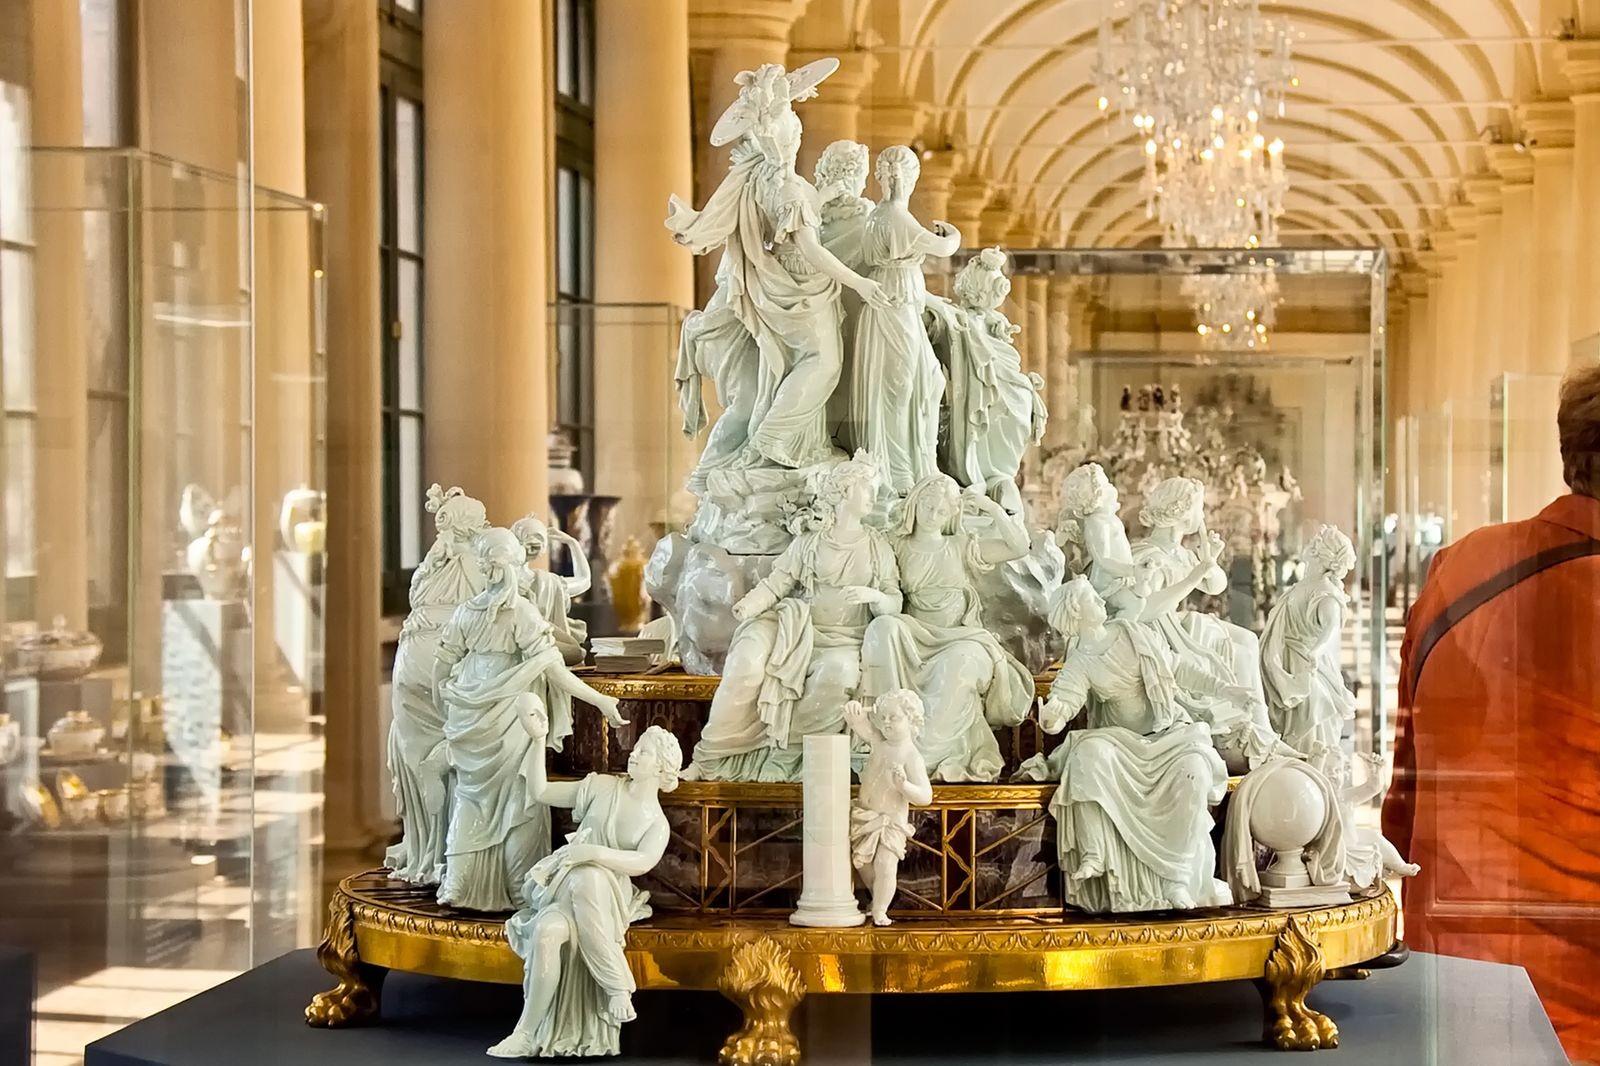 Capolavori di porcellana esposti nel Palazzo Zwinger di Dresda - ©Foto Antoni, Andreas